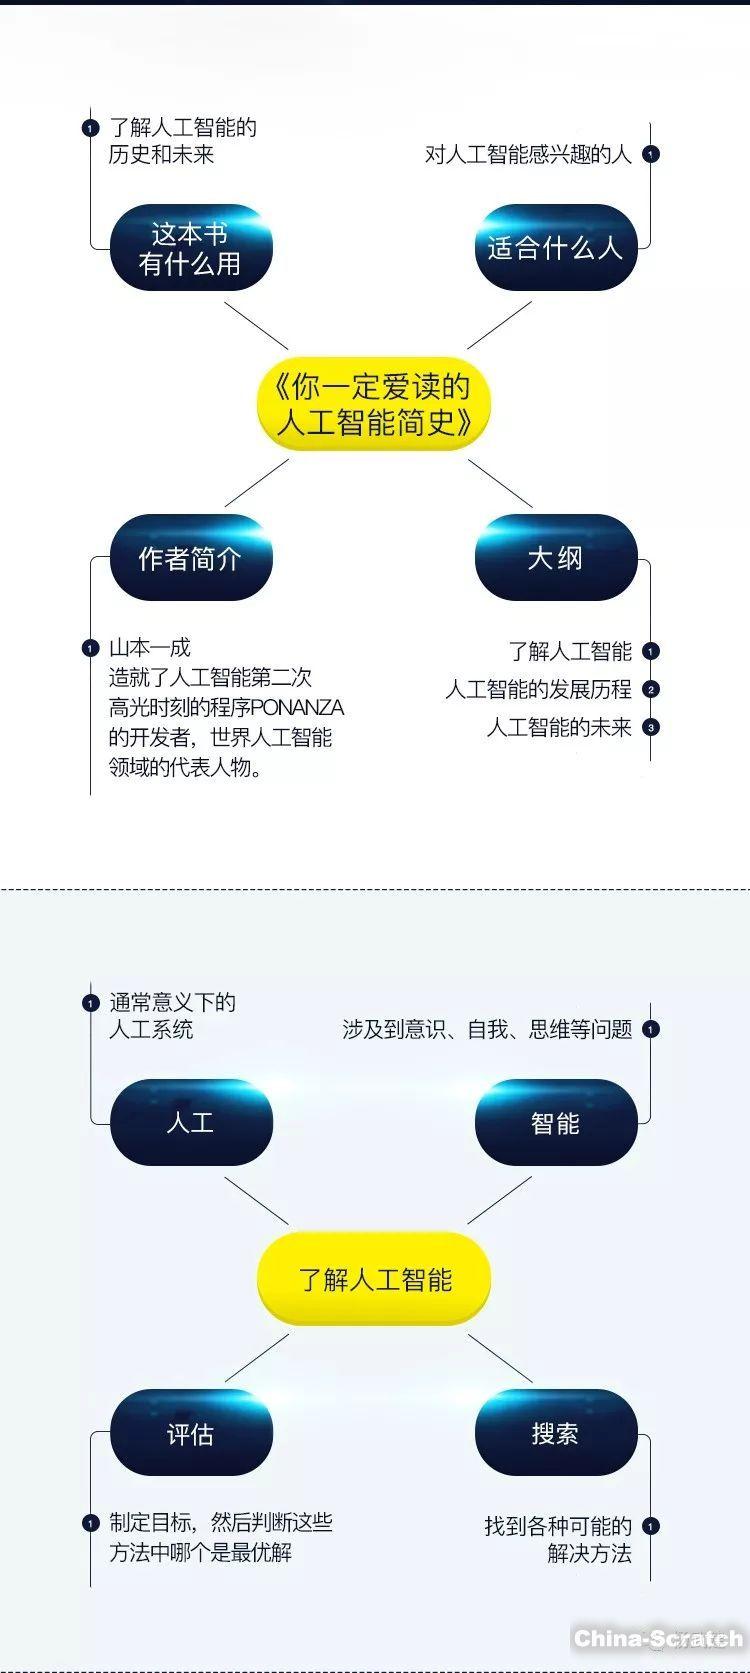 https://cdn.china-scratch.com/timg/190912/12314L501-2.jpg